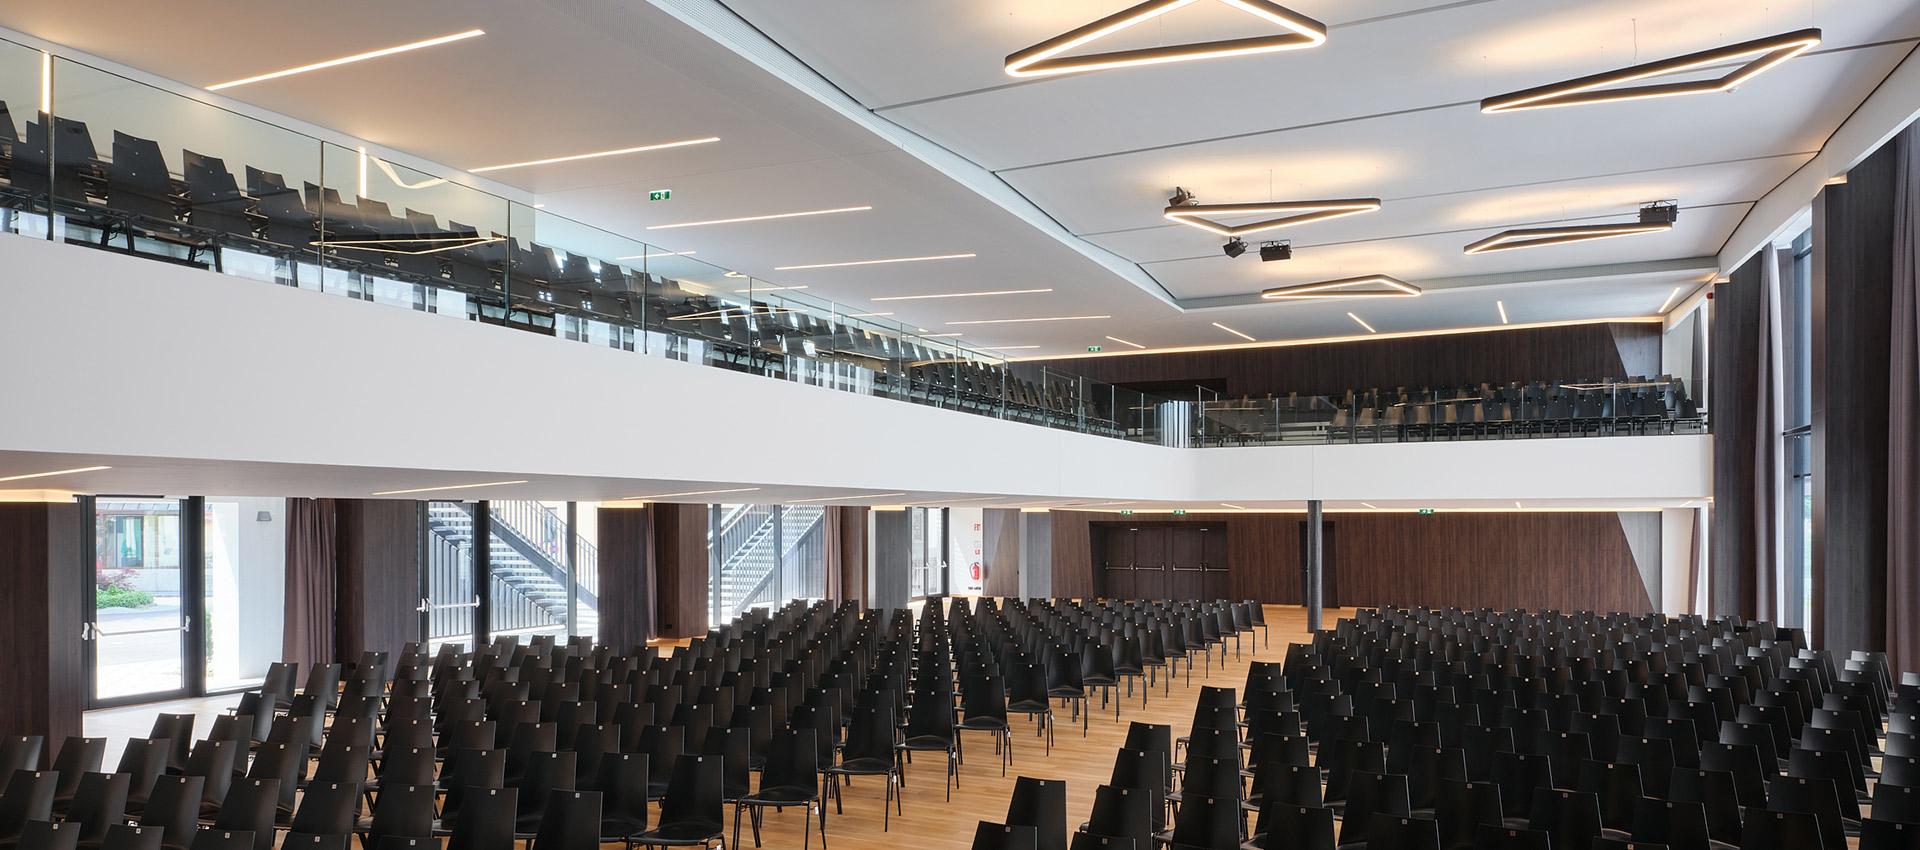 Stadthalle-Ybbs-Saal